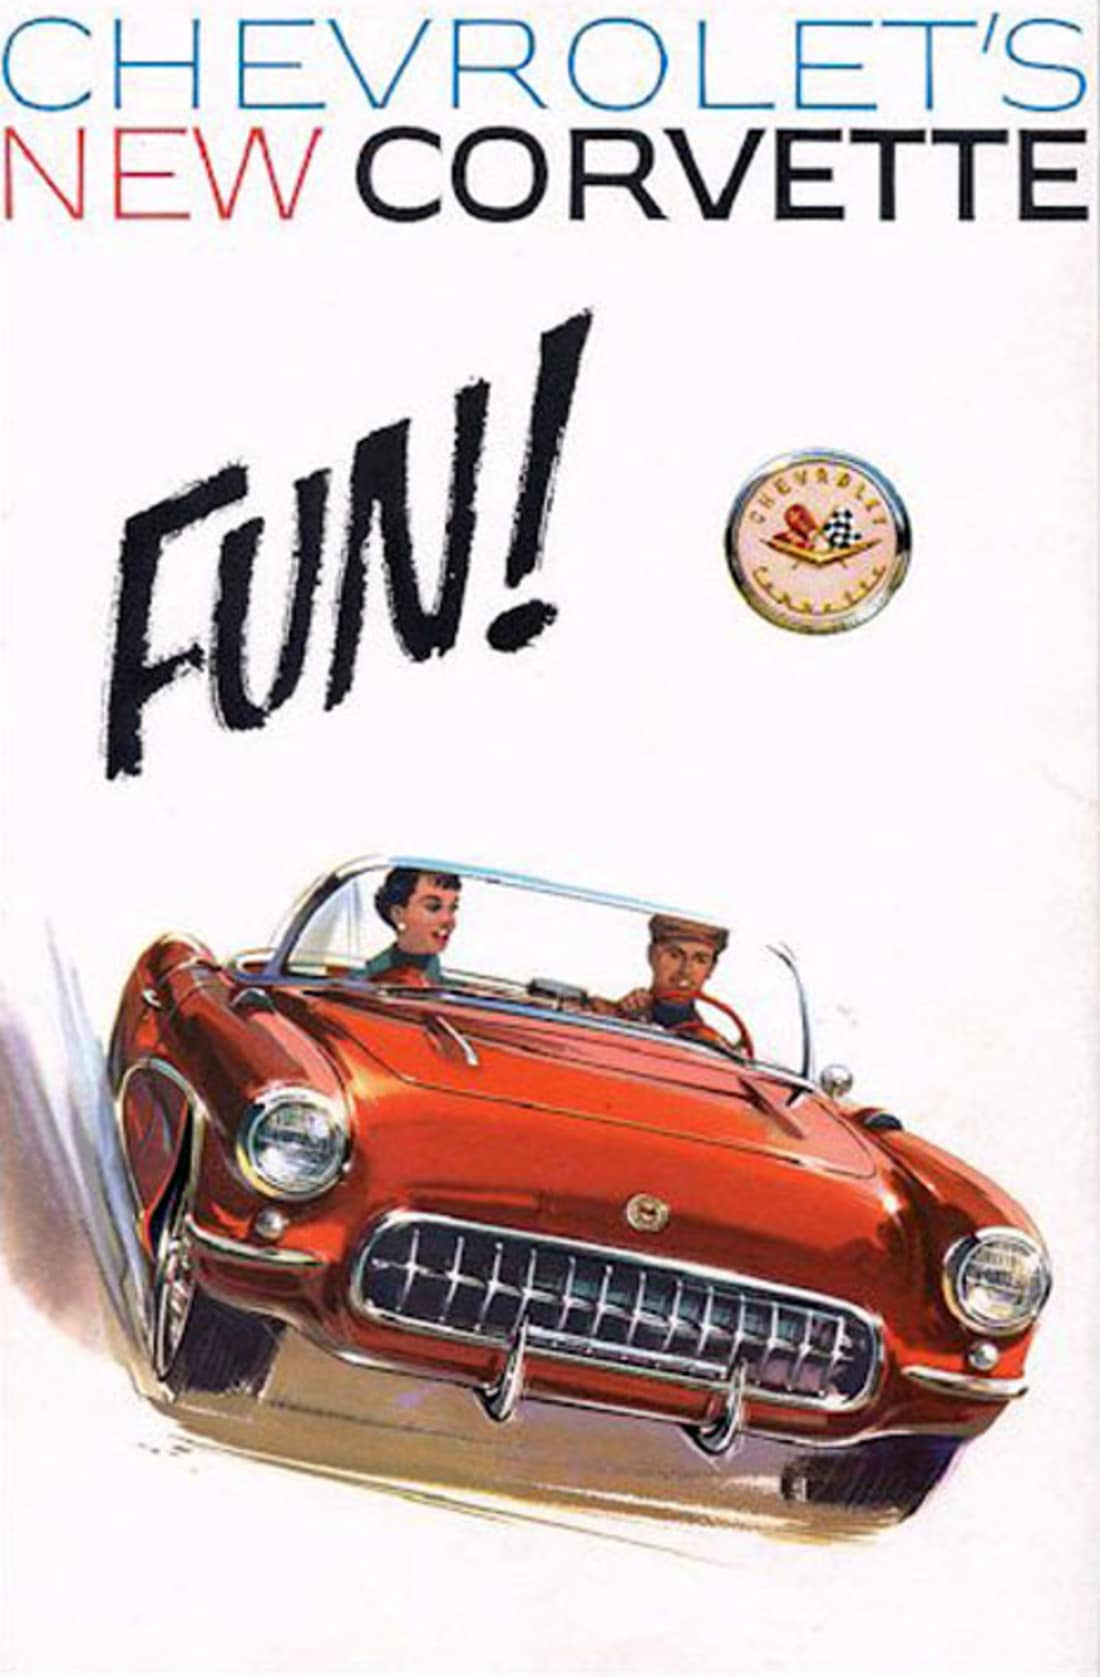 1957 Corvette Ad